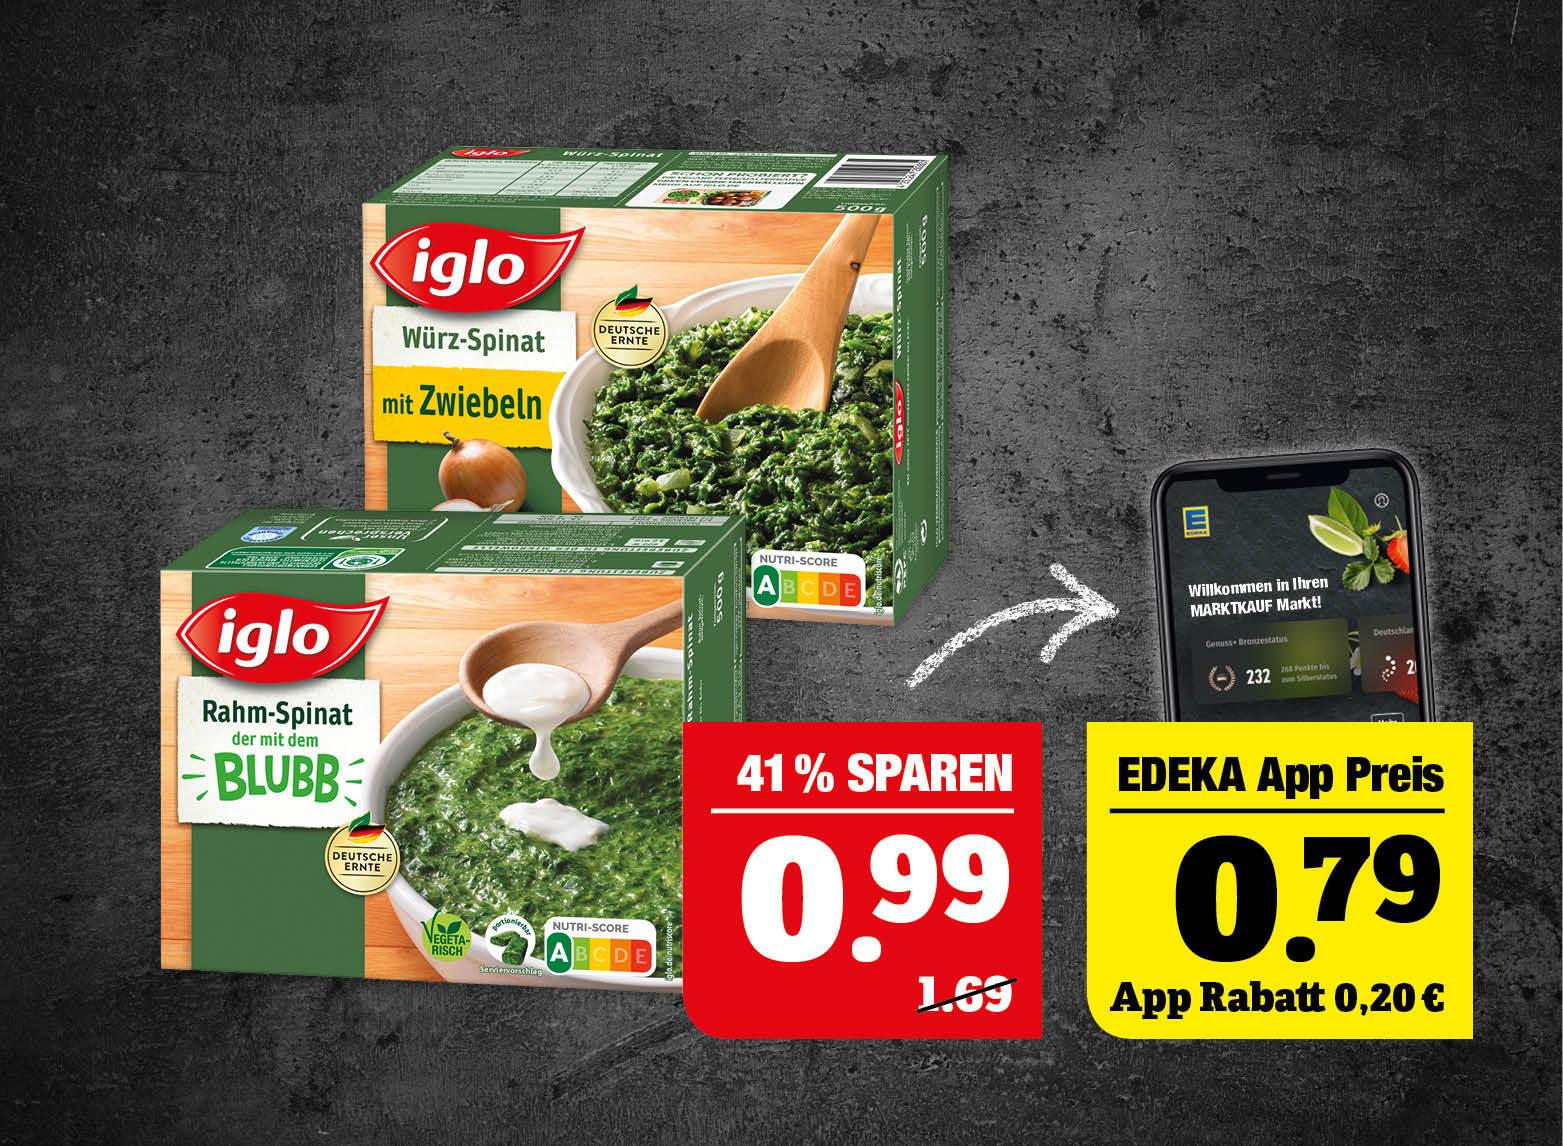 iglo Spinat - verschiedene Sorten oder Blubb Sticks - tiefgefroren, 284-750g Packung, 1kg=1,32-3,49. Ausgenommen Rahm-Spinat. Laktosefrei und Spinat mit Alpro Soya 550g.